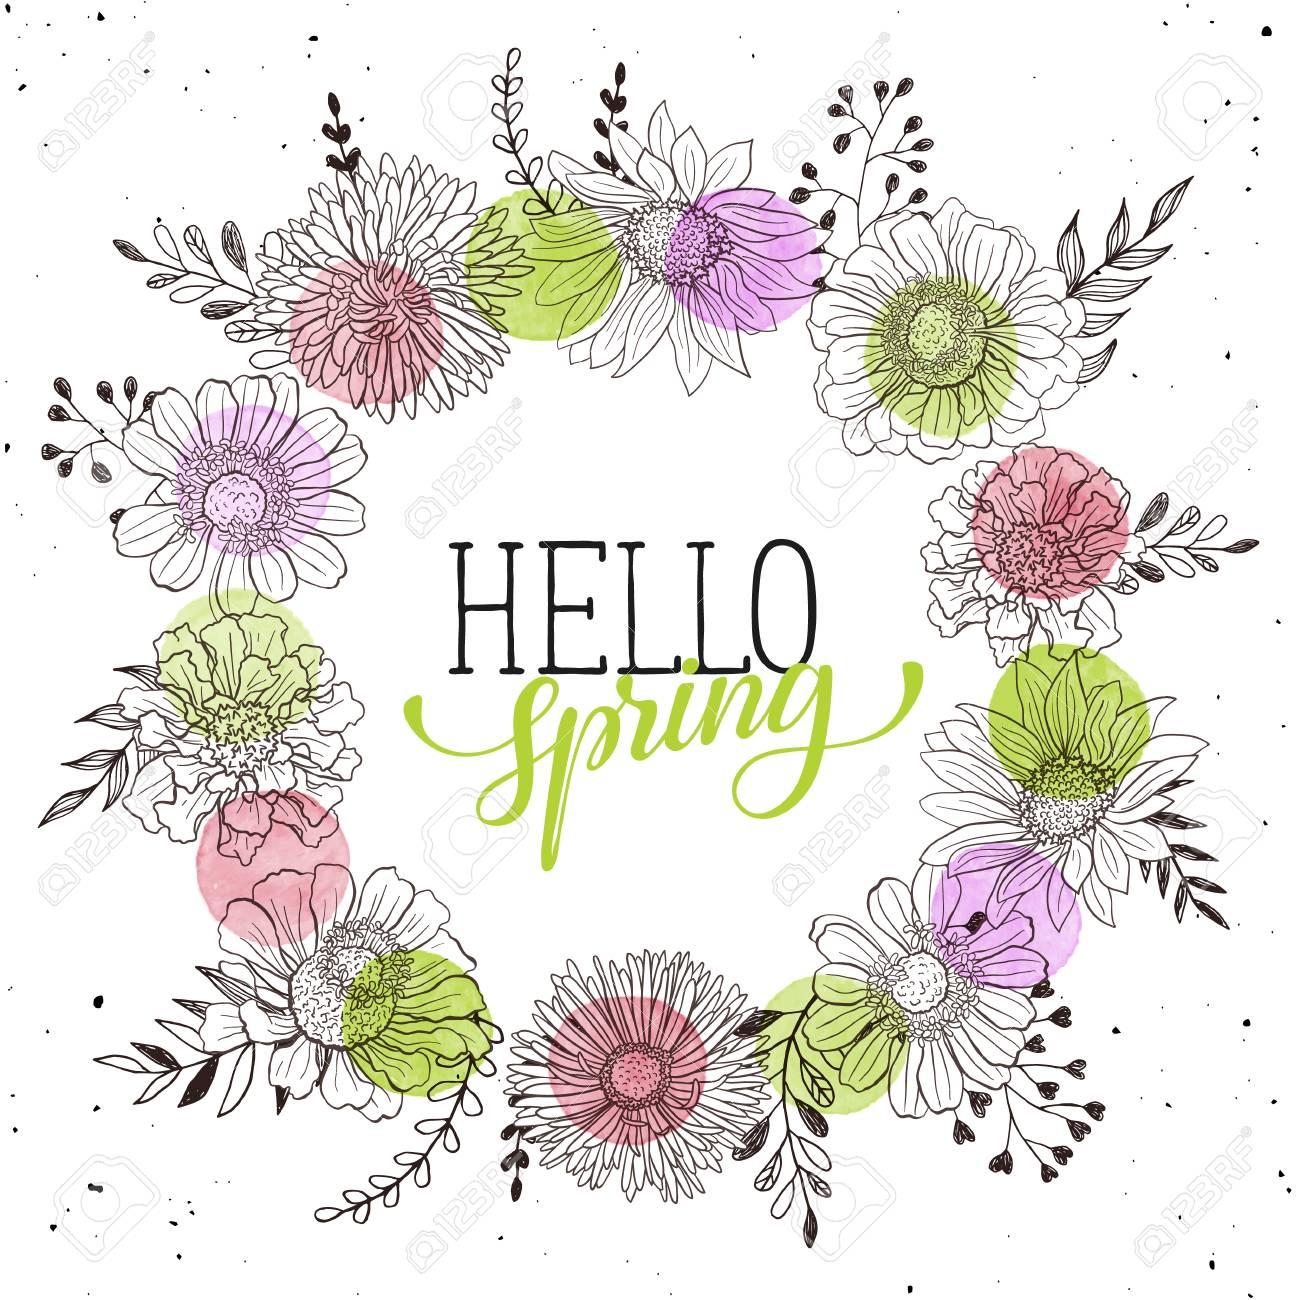 Ofrenda Floral Con La Primavera Está Llegando Texto Plantilla Romántica Para Tarjetas De Felicitación Y La Invitación Redacción Primavera Con Flores